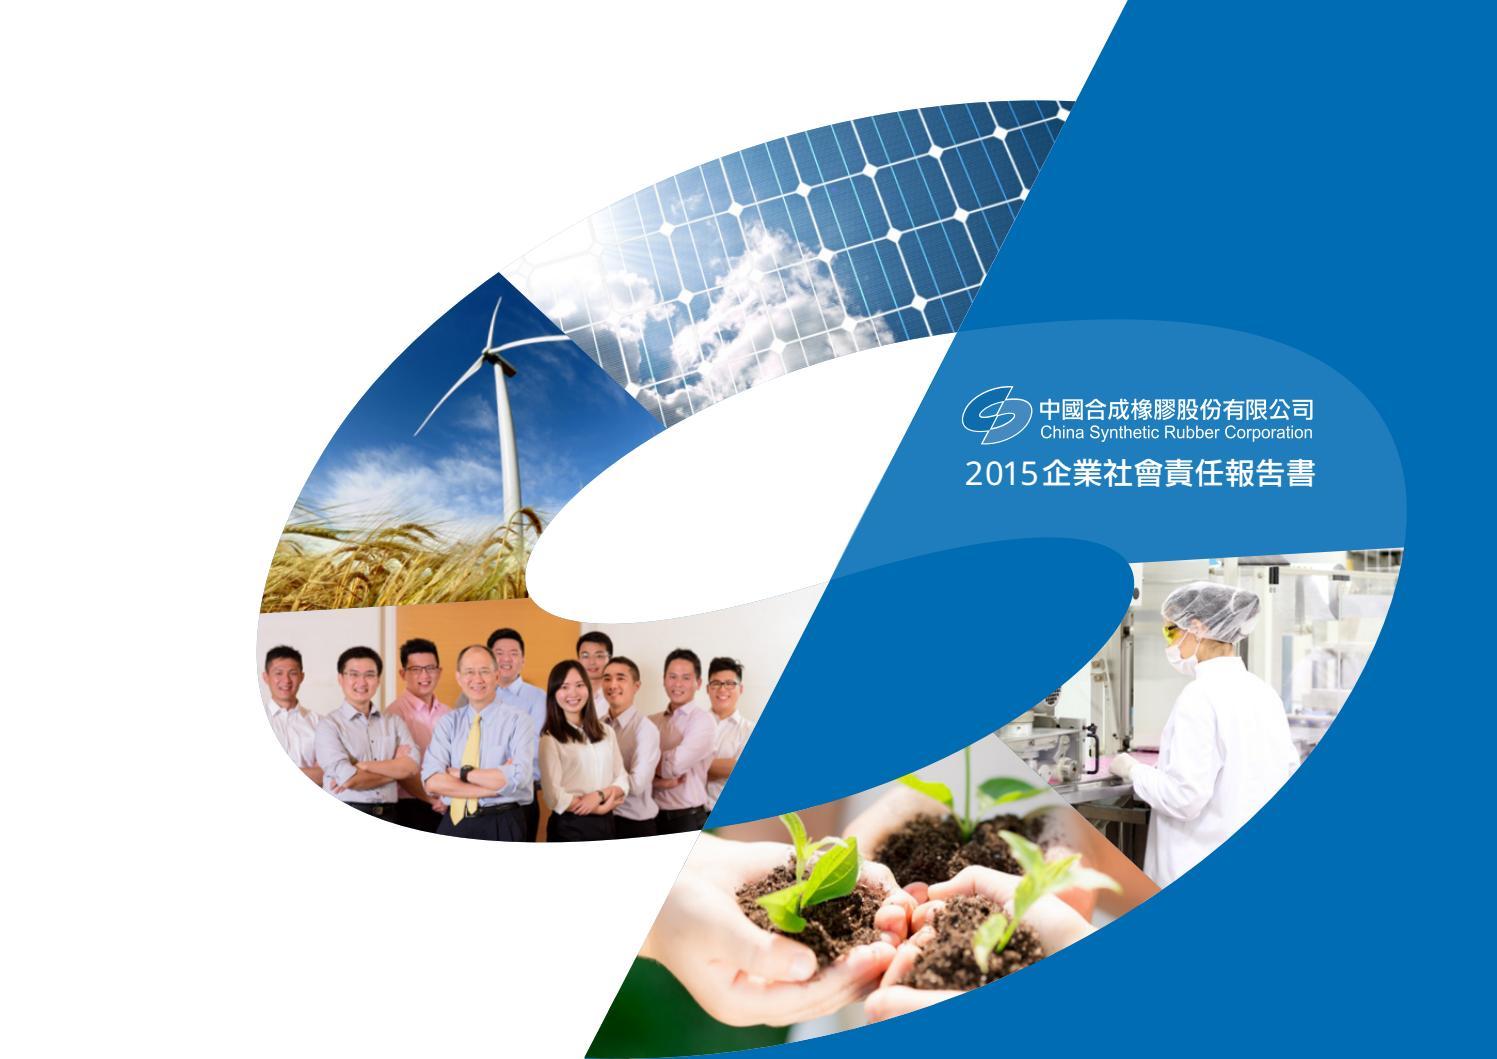 2015中國合成橡膠企業社會責任報告書 by CSRone Reporting - Issuu